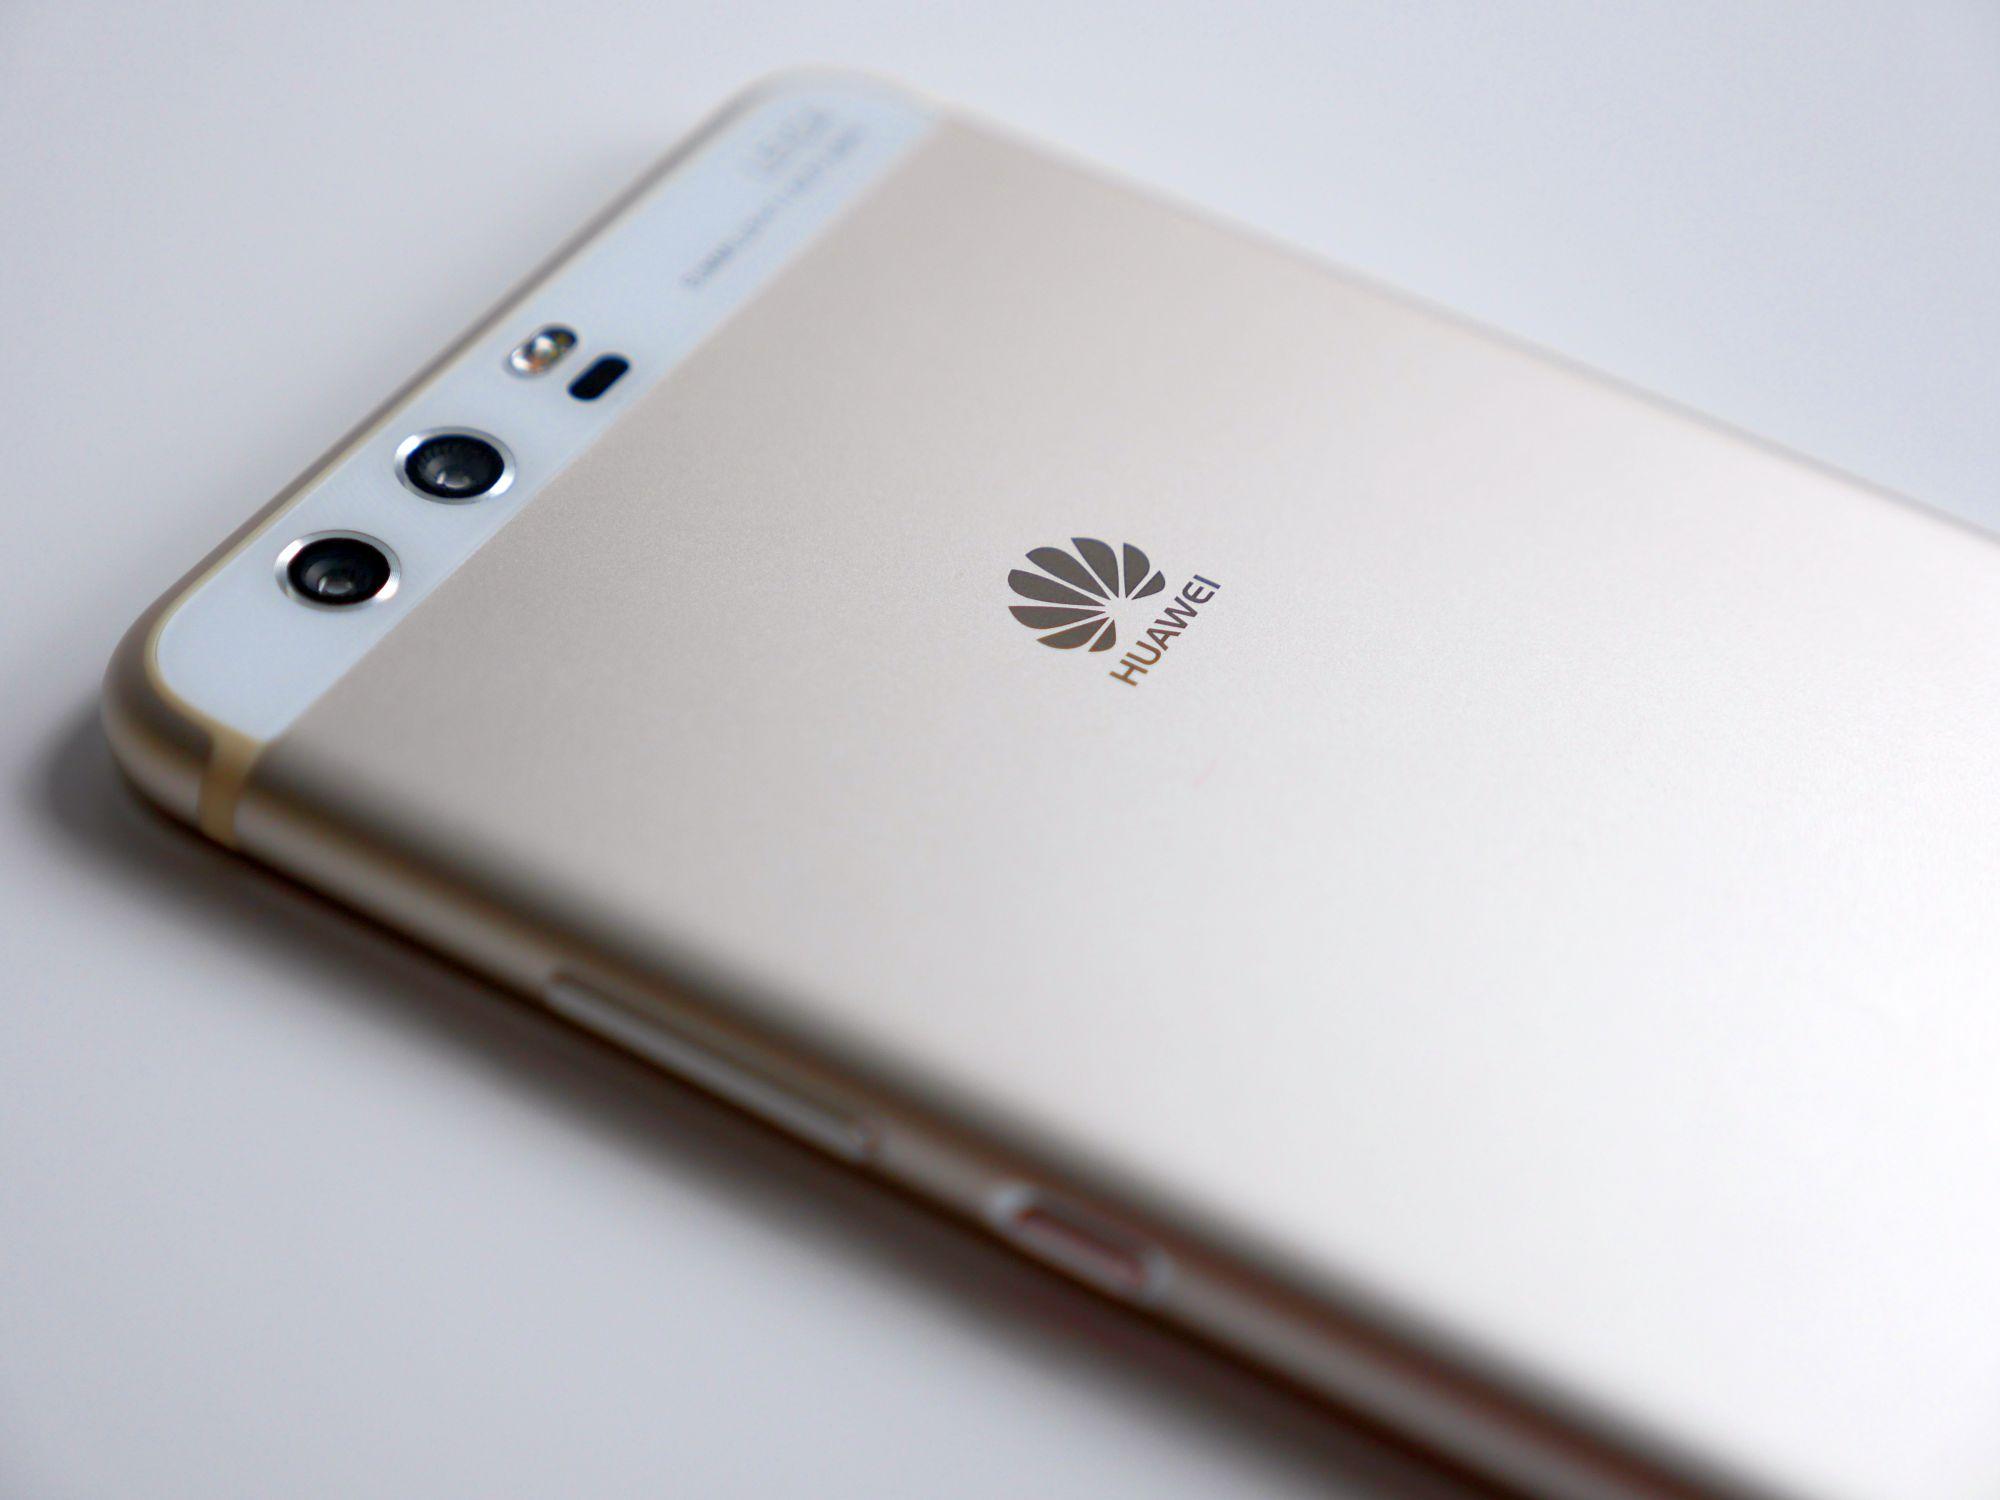 Recenzja Huawei P10 Plus - jednego z wielu flagowców... 20